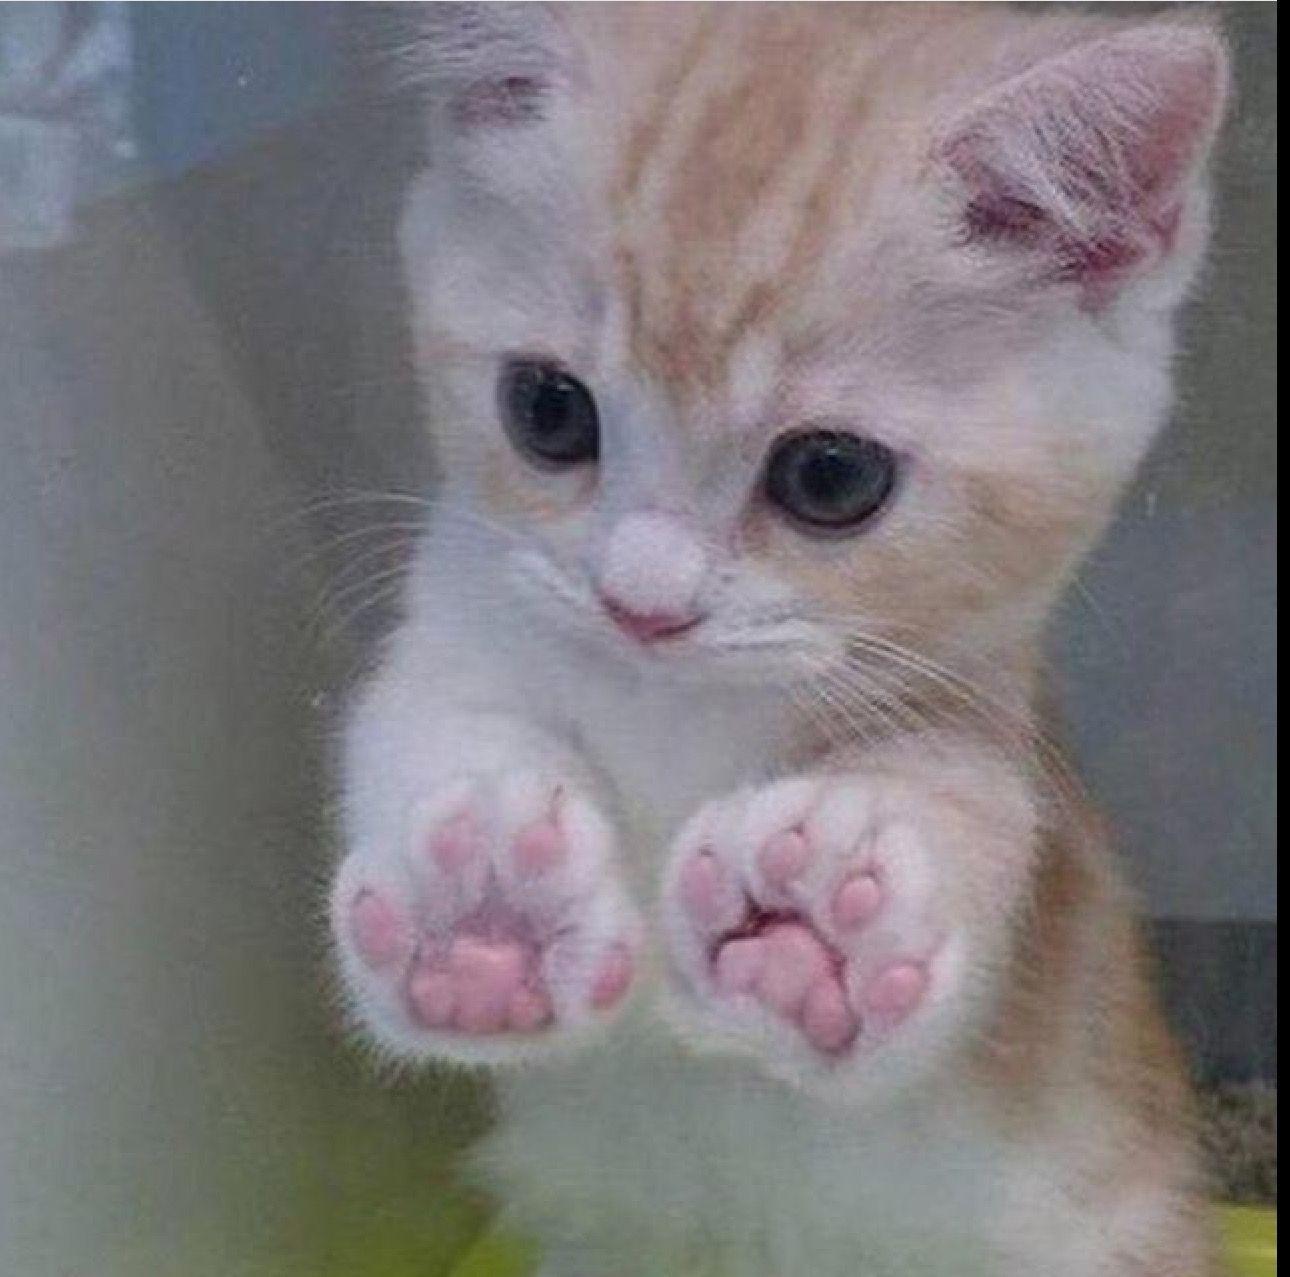 Pin De Mary Milko En Cats Gatos Gatos Bonitos Gatos Lindos Y Tiernos